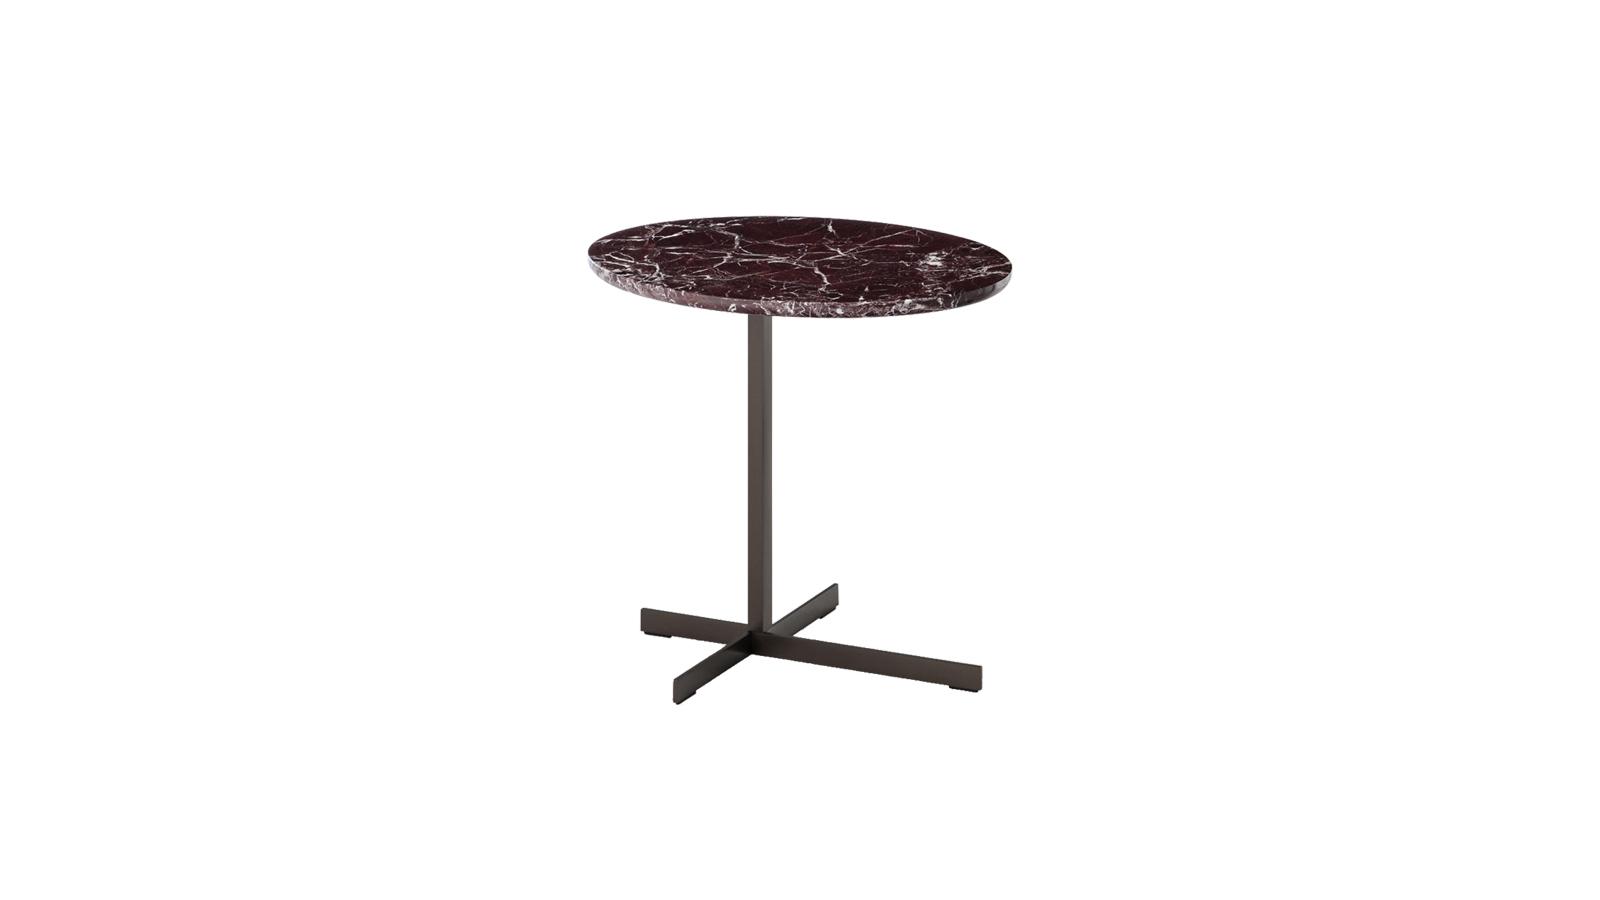 """A Joy """"Jut Out"""" asztalokat azoknak ajánljuk, akik a klasszikus elegancia hívei, ugyanakkor a kortárs megoldások iránt is rajonganak, és nem félnek kísérletezni. A legkülönlegesebb márványok és az X alakú fémlábak párosa felejthetetlen látványt nyújt!"""